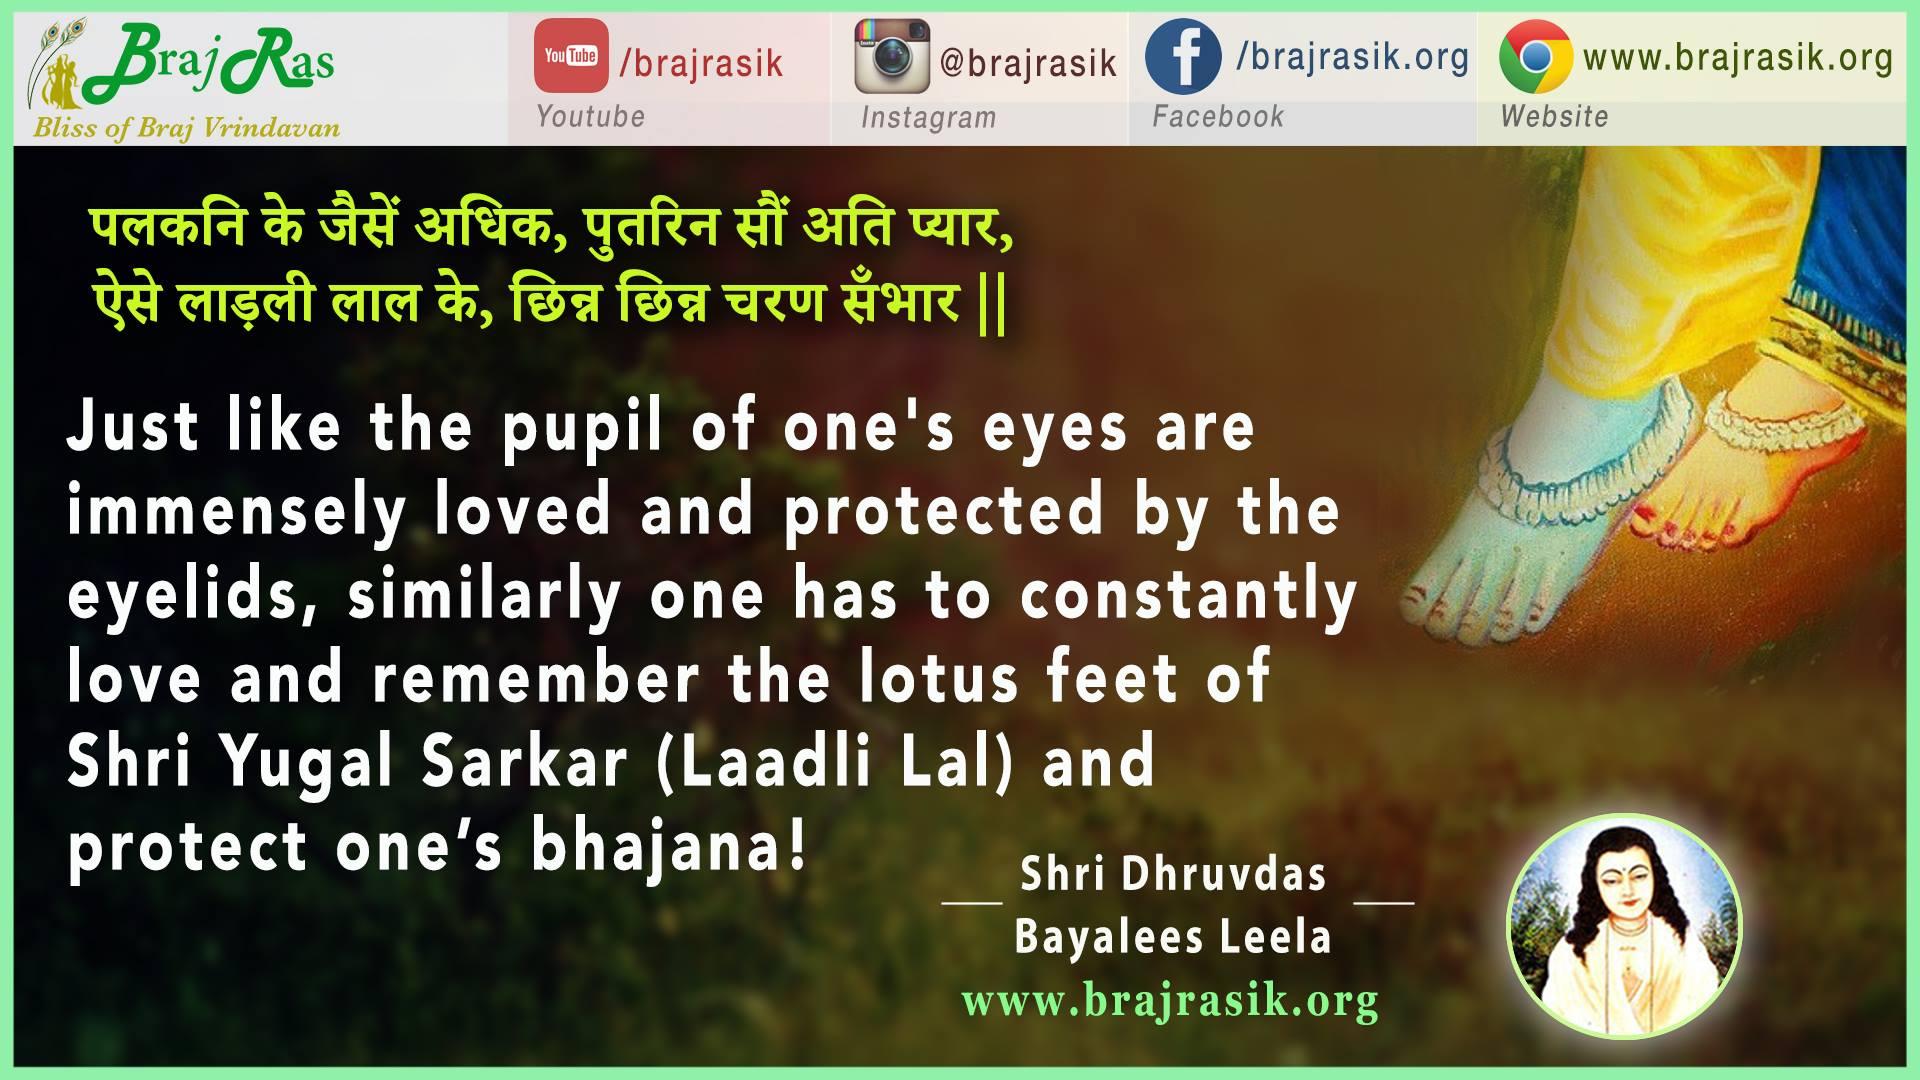 Palakani Ke Jaisein Adhik, Putarin Son Ati Pyar - Shri Dhruvdas, Bayalees Leela